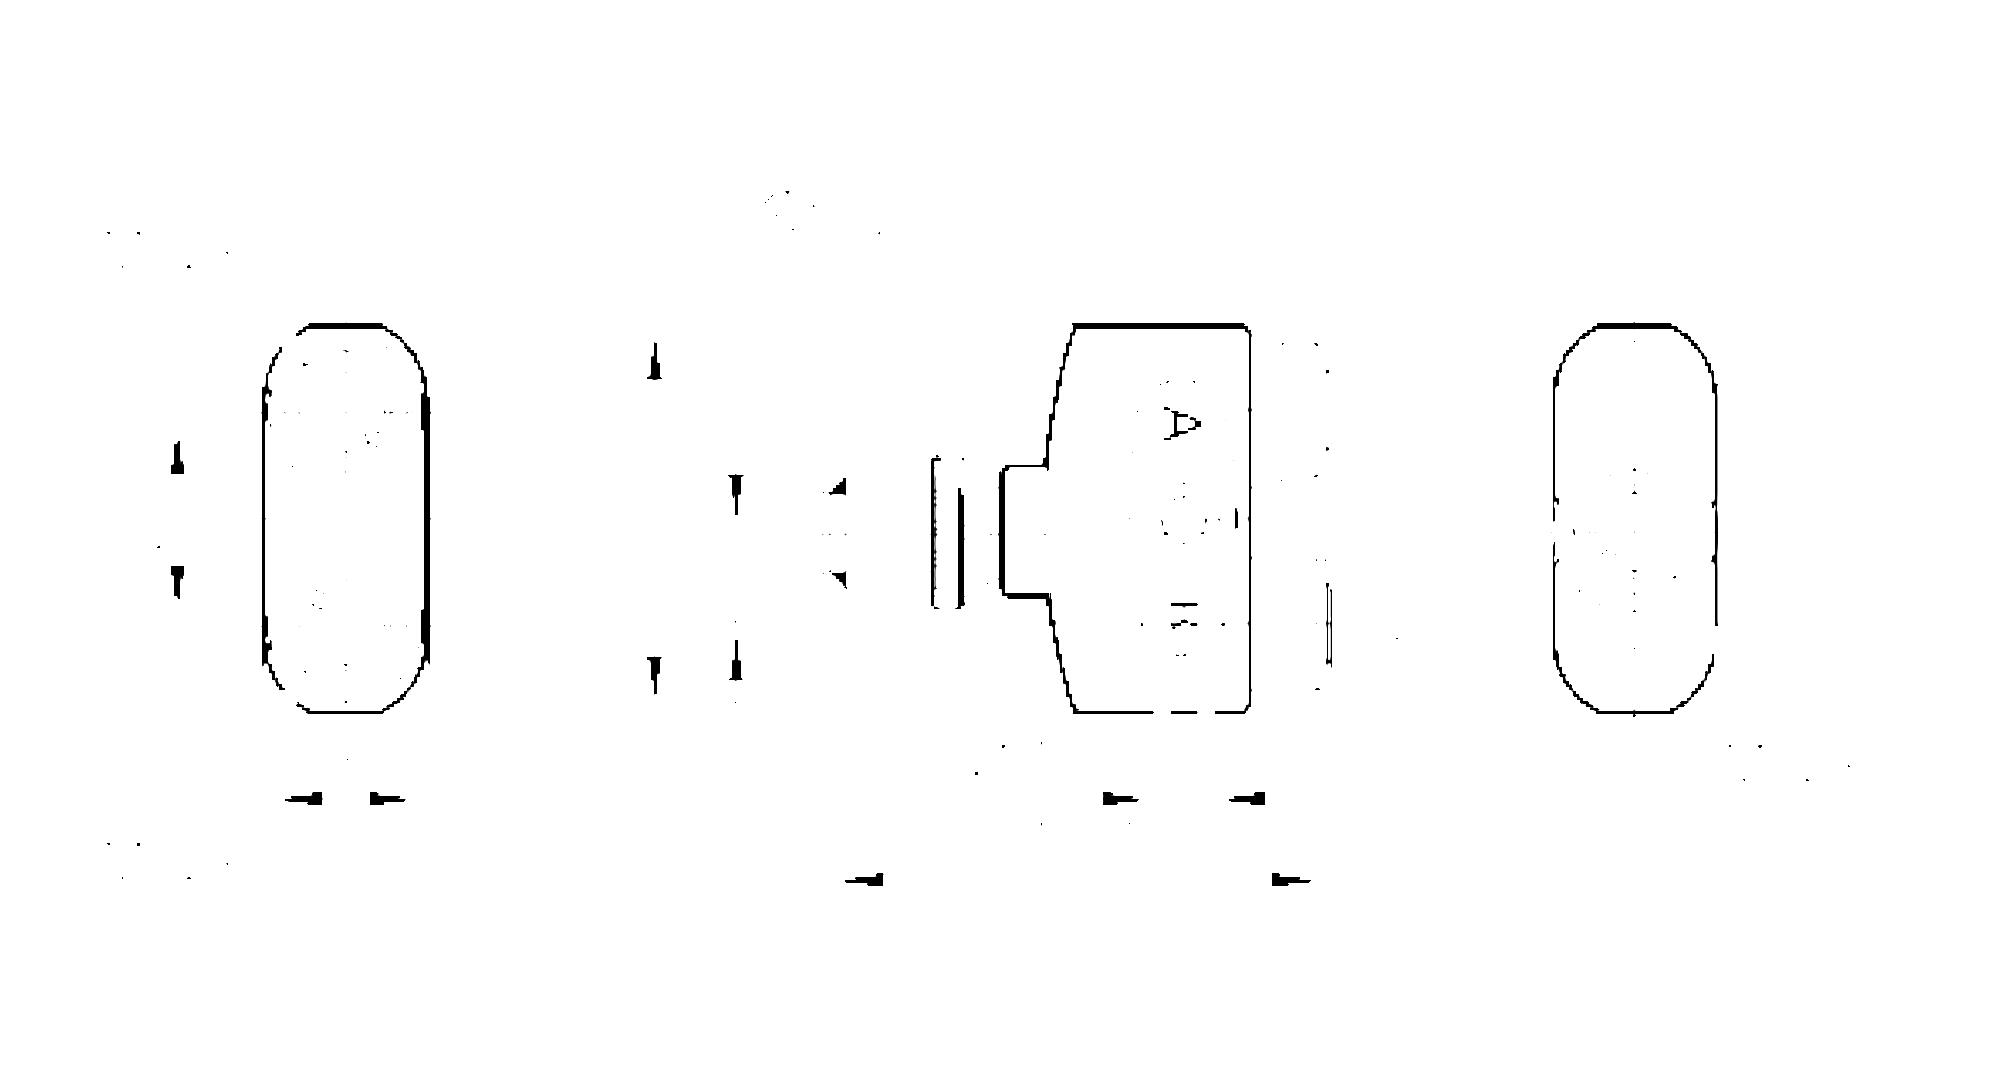 ebc113 - y  t splitter